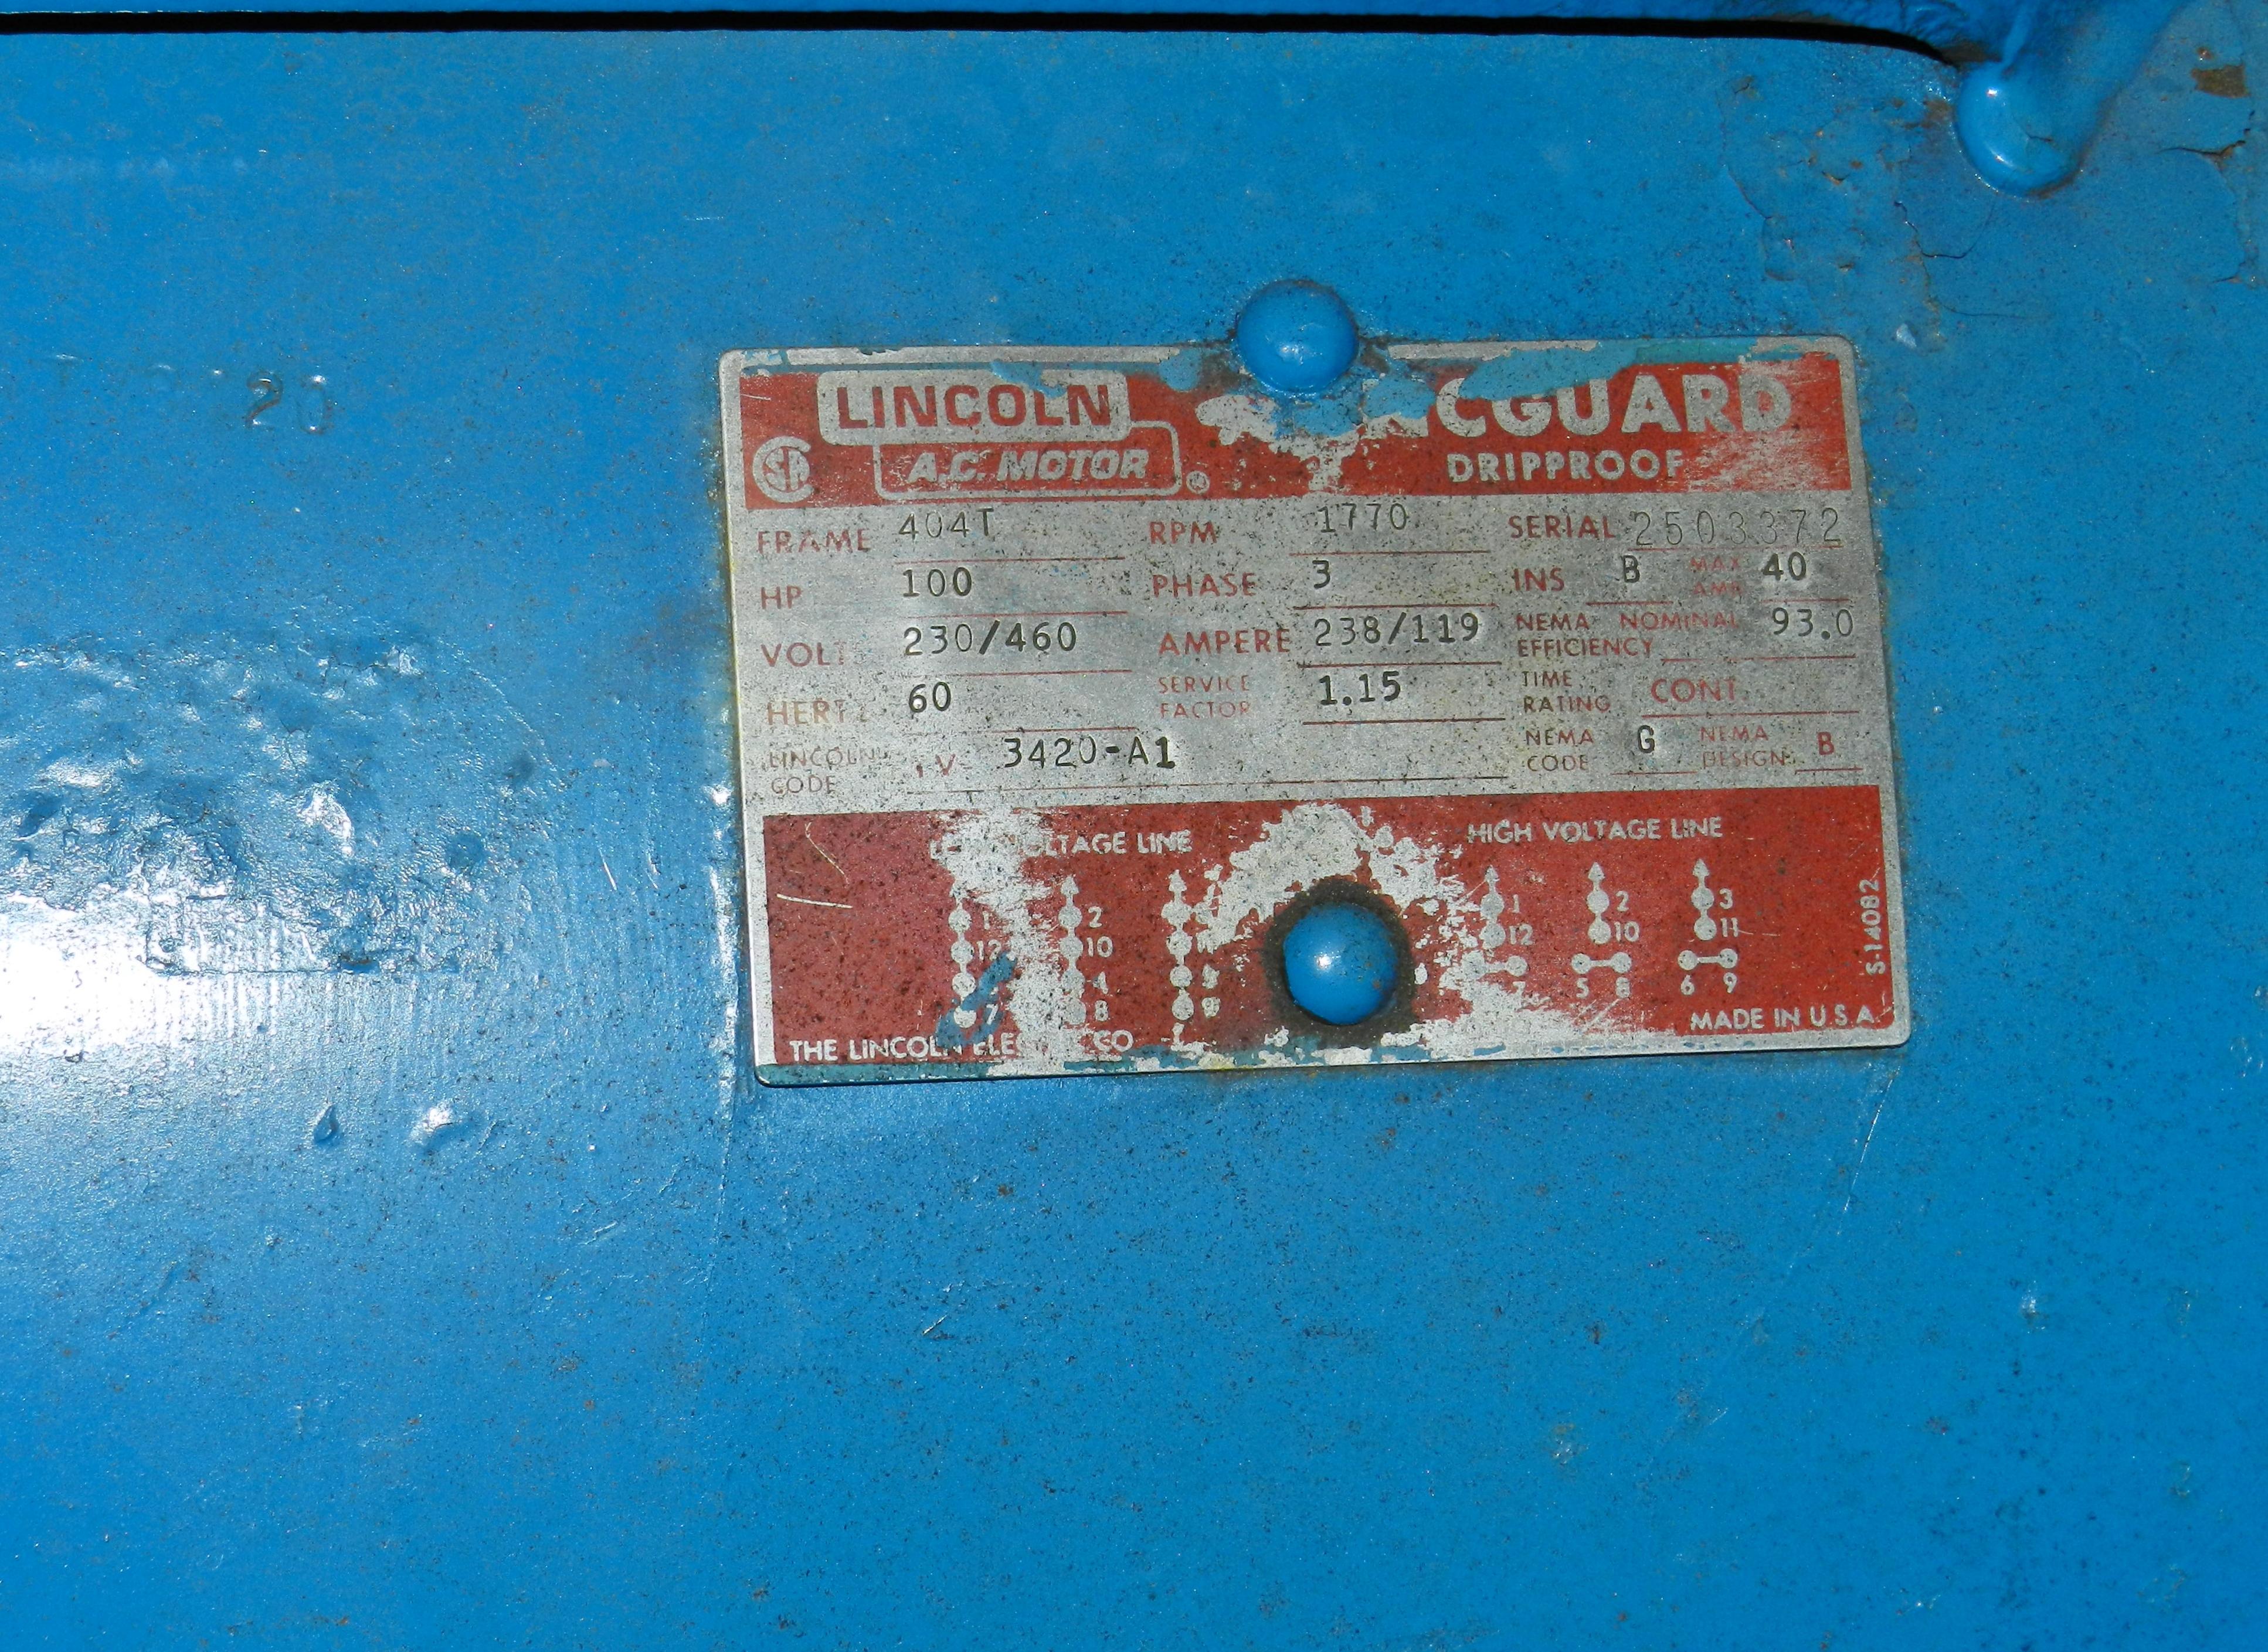 Lot 26 - Leroi Dresser 100 HP Rotary Air Compressor